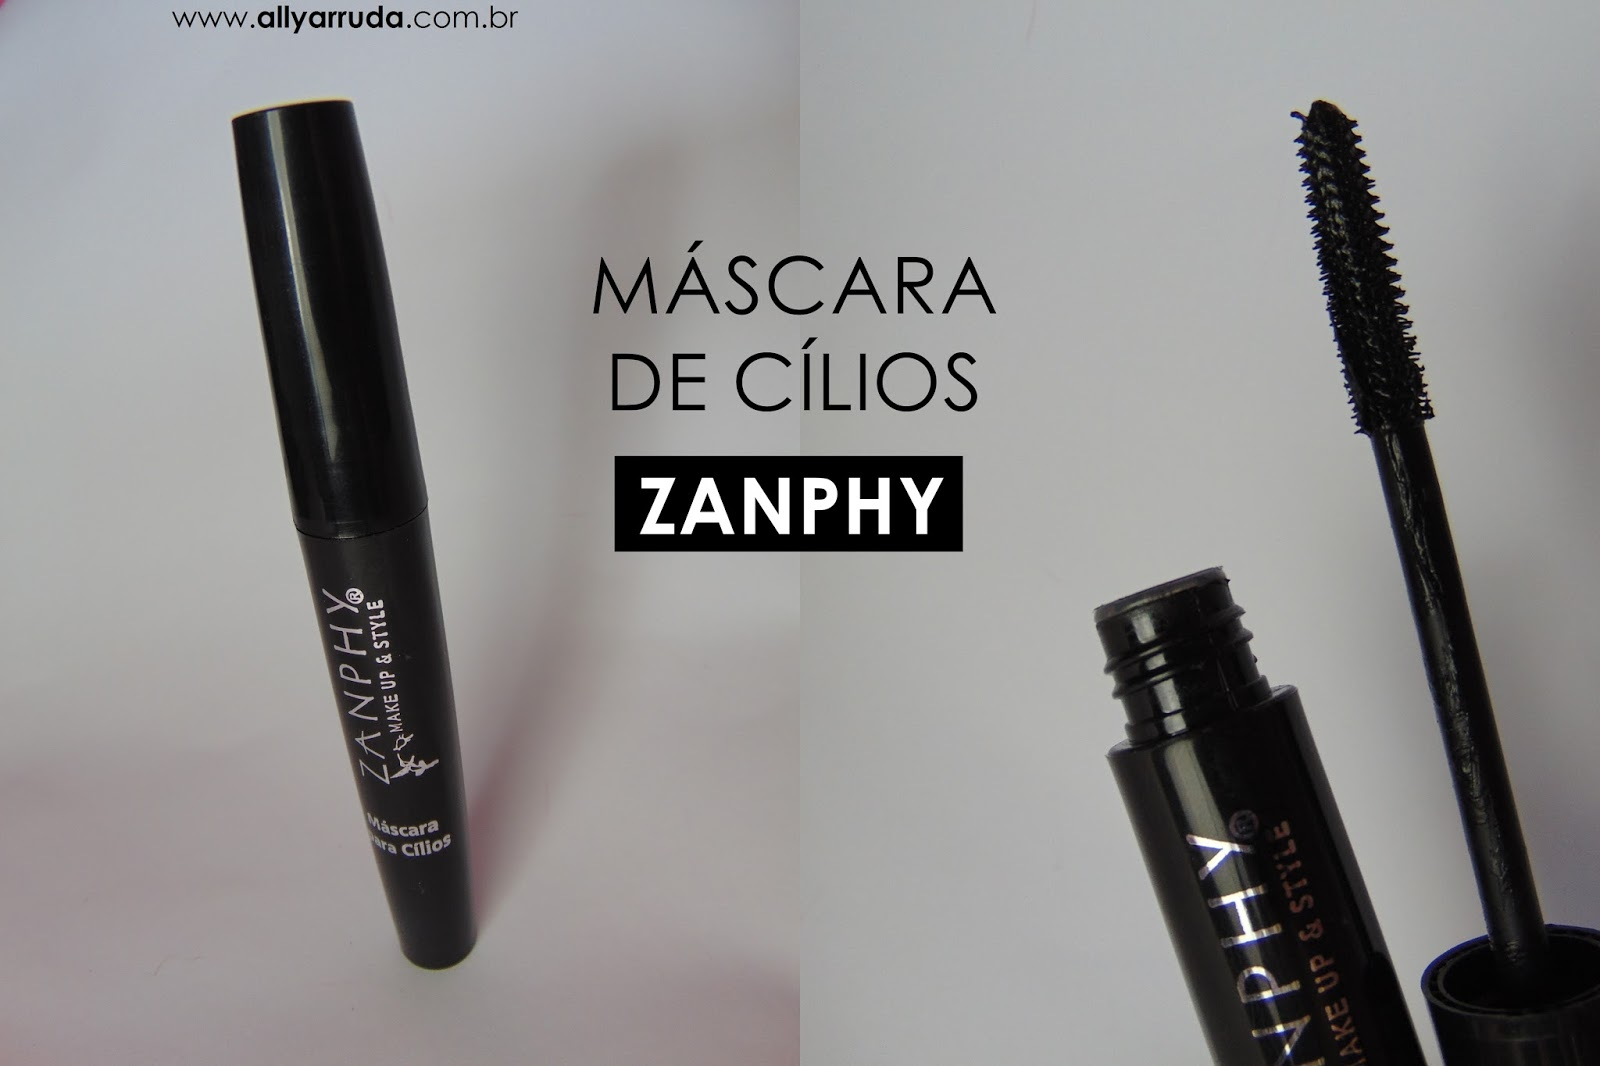 Máscara de Cílios Zanphy | Blog Ally Arruda